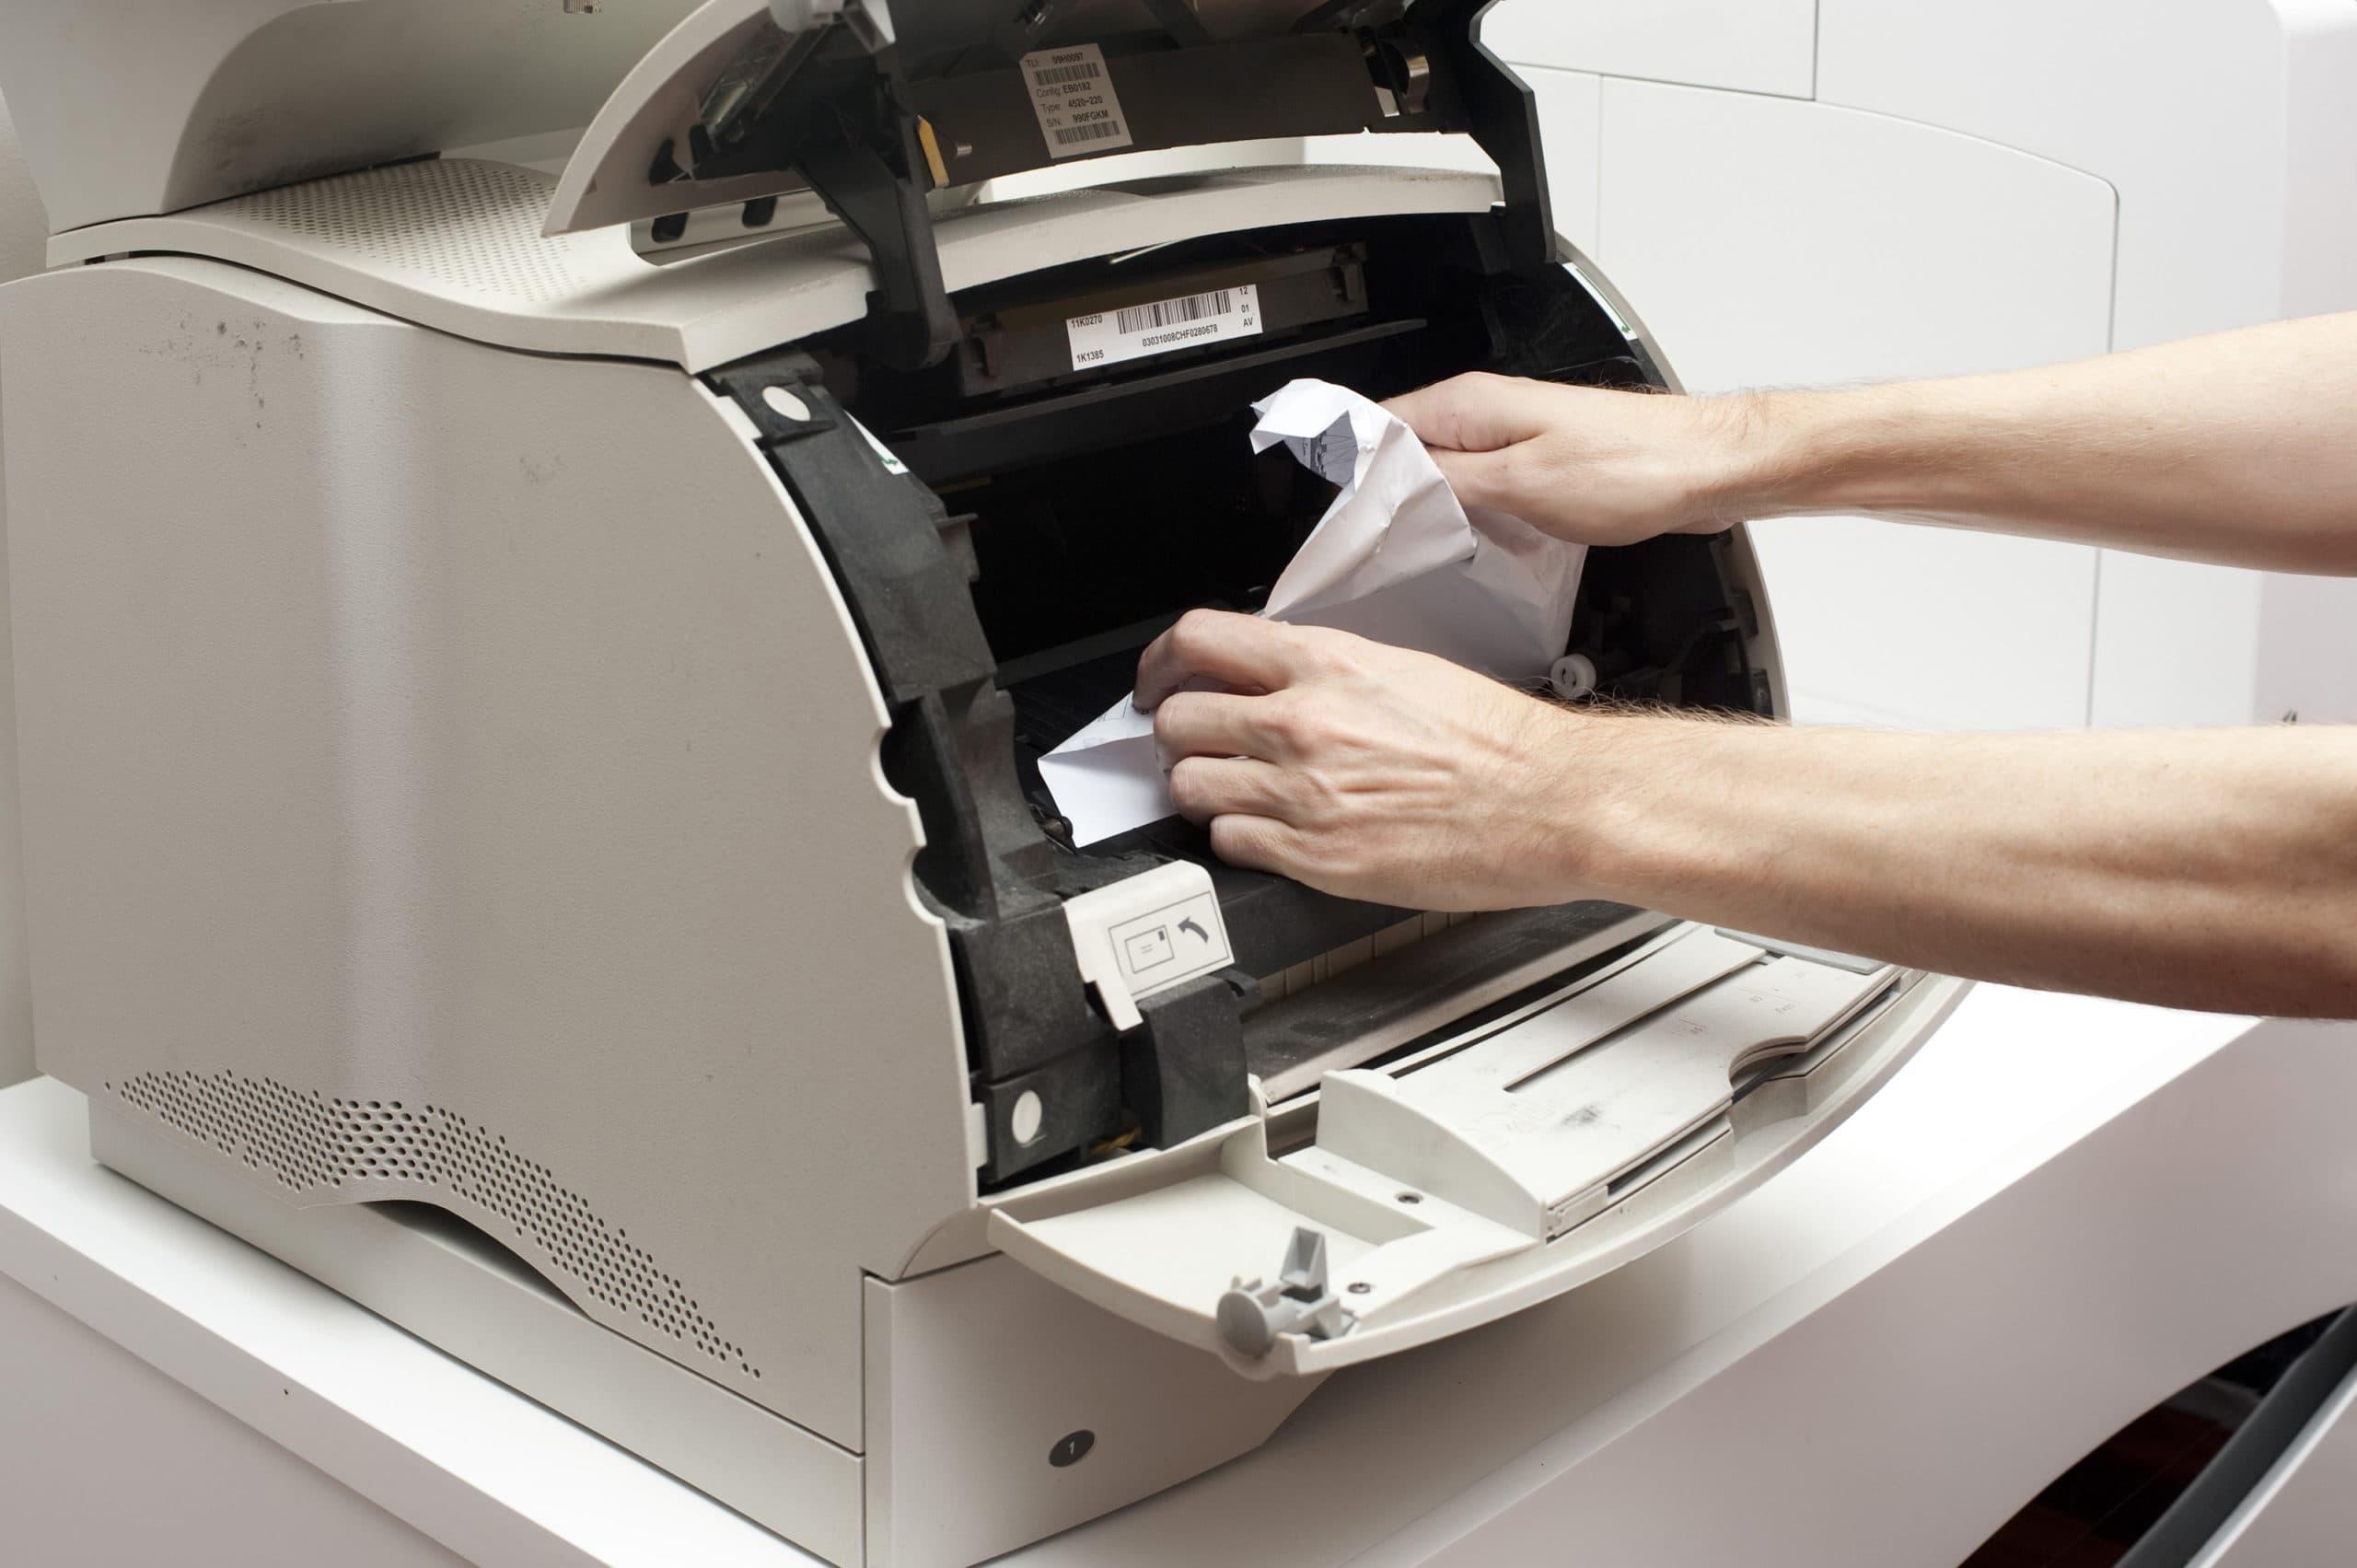 Зажевывание бумаги в принтере